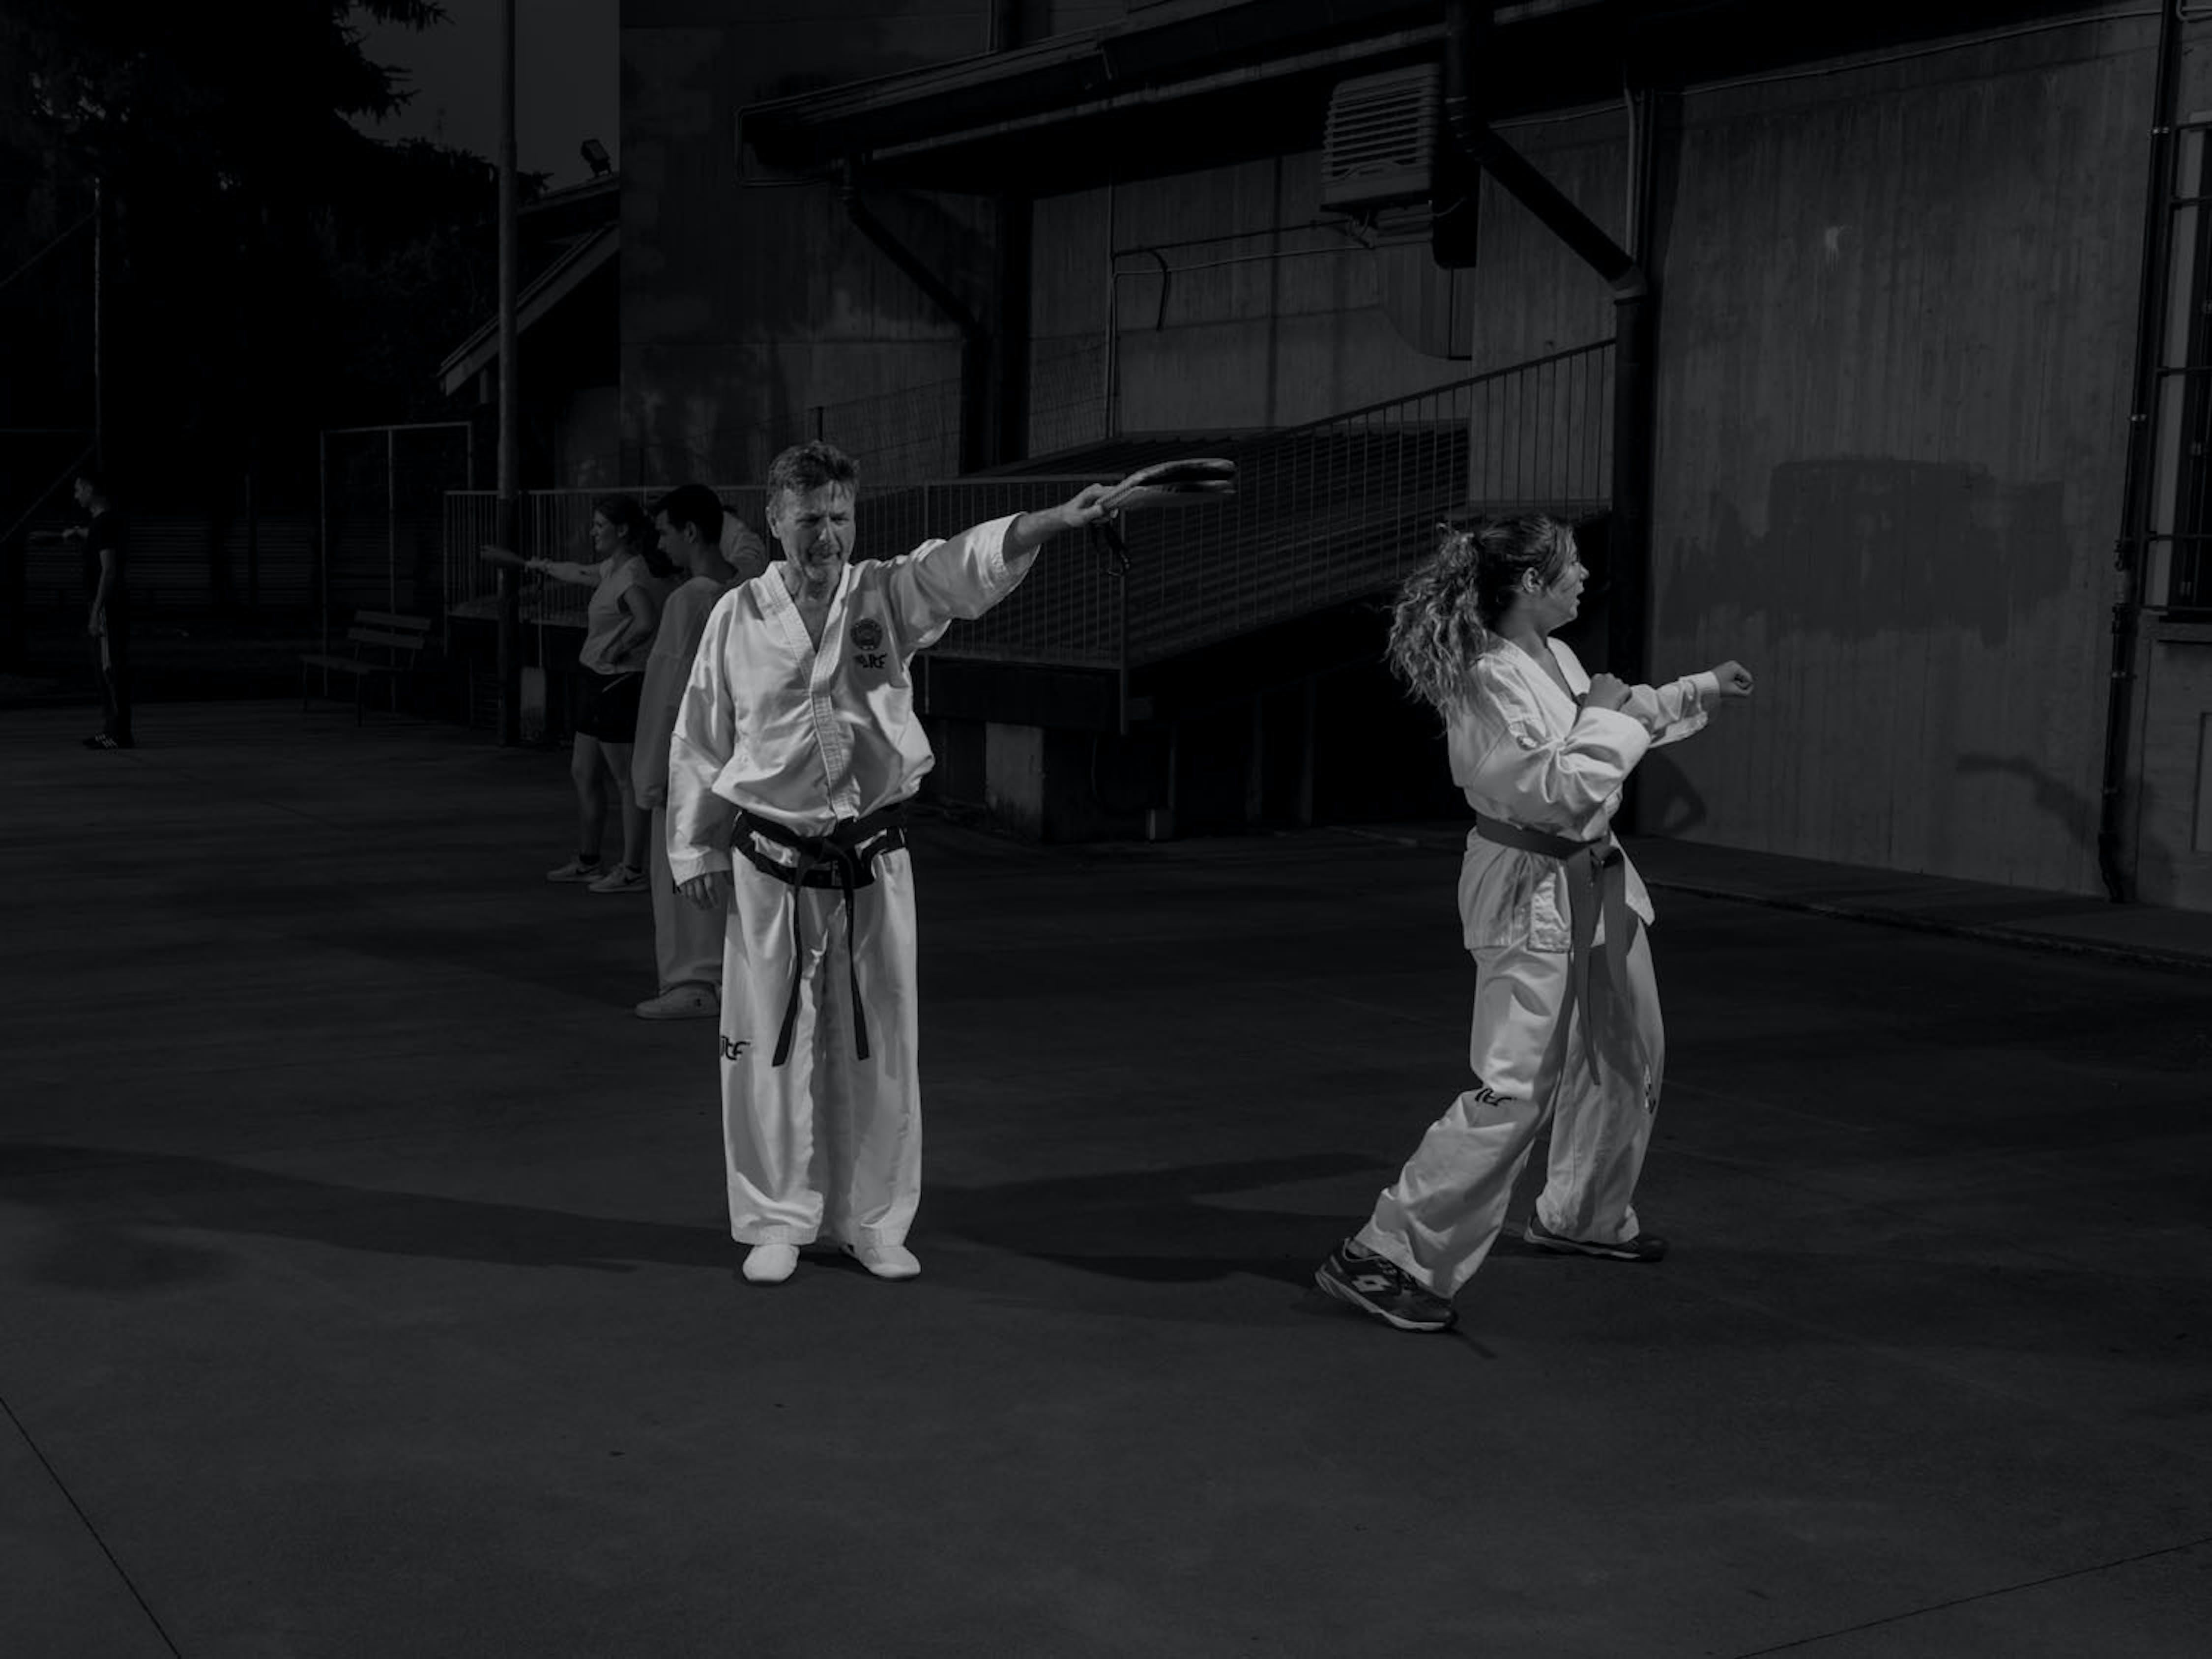 Anna, ragazza della lombardia, pratica taekwondo nel suo paese. Gli allenamenti però sono stati sospesi per oltre un anno